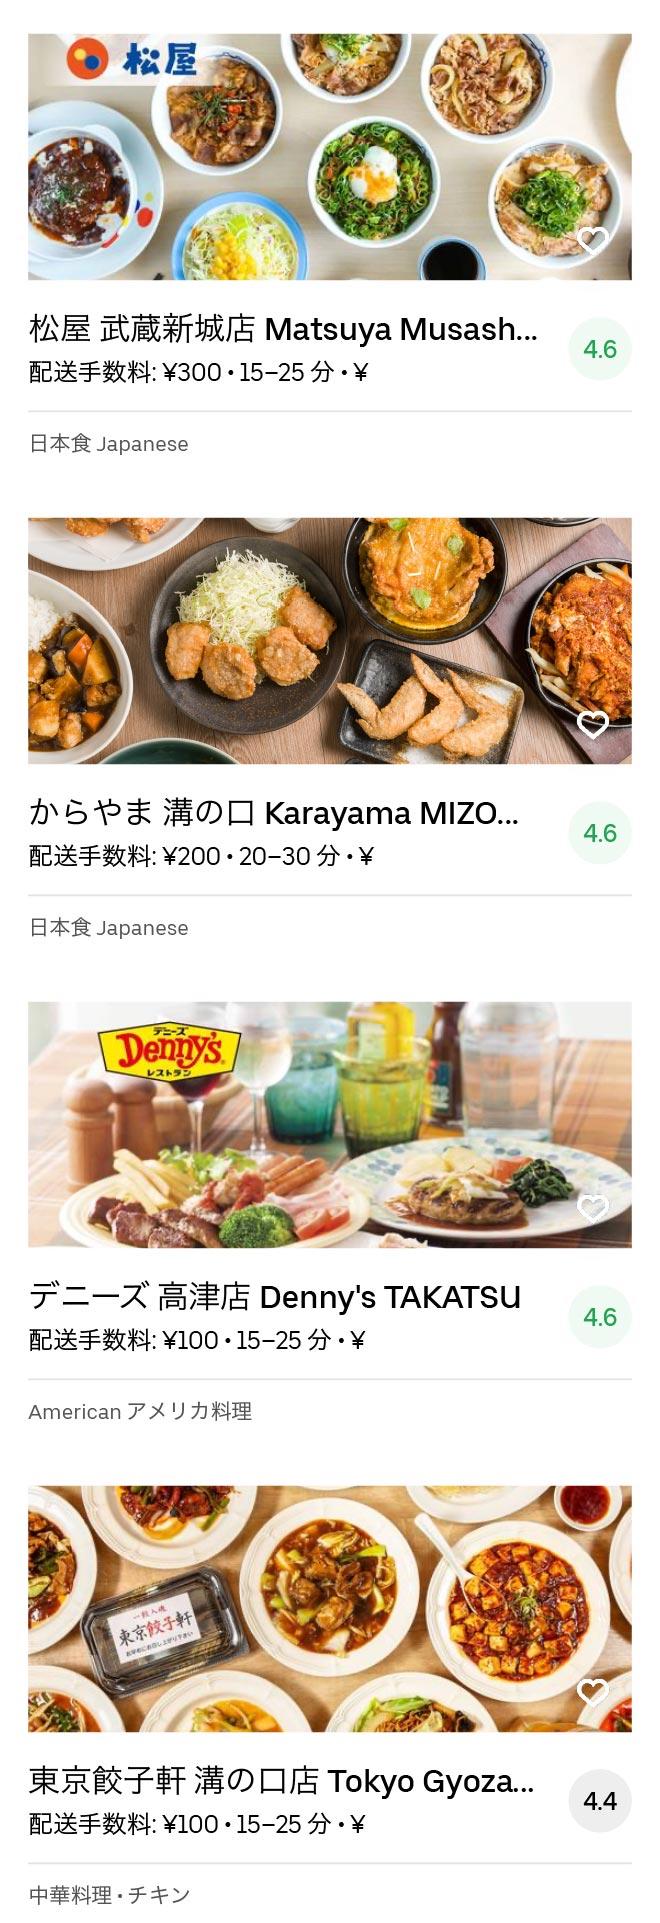 Takatsu menu 2004 05